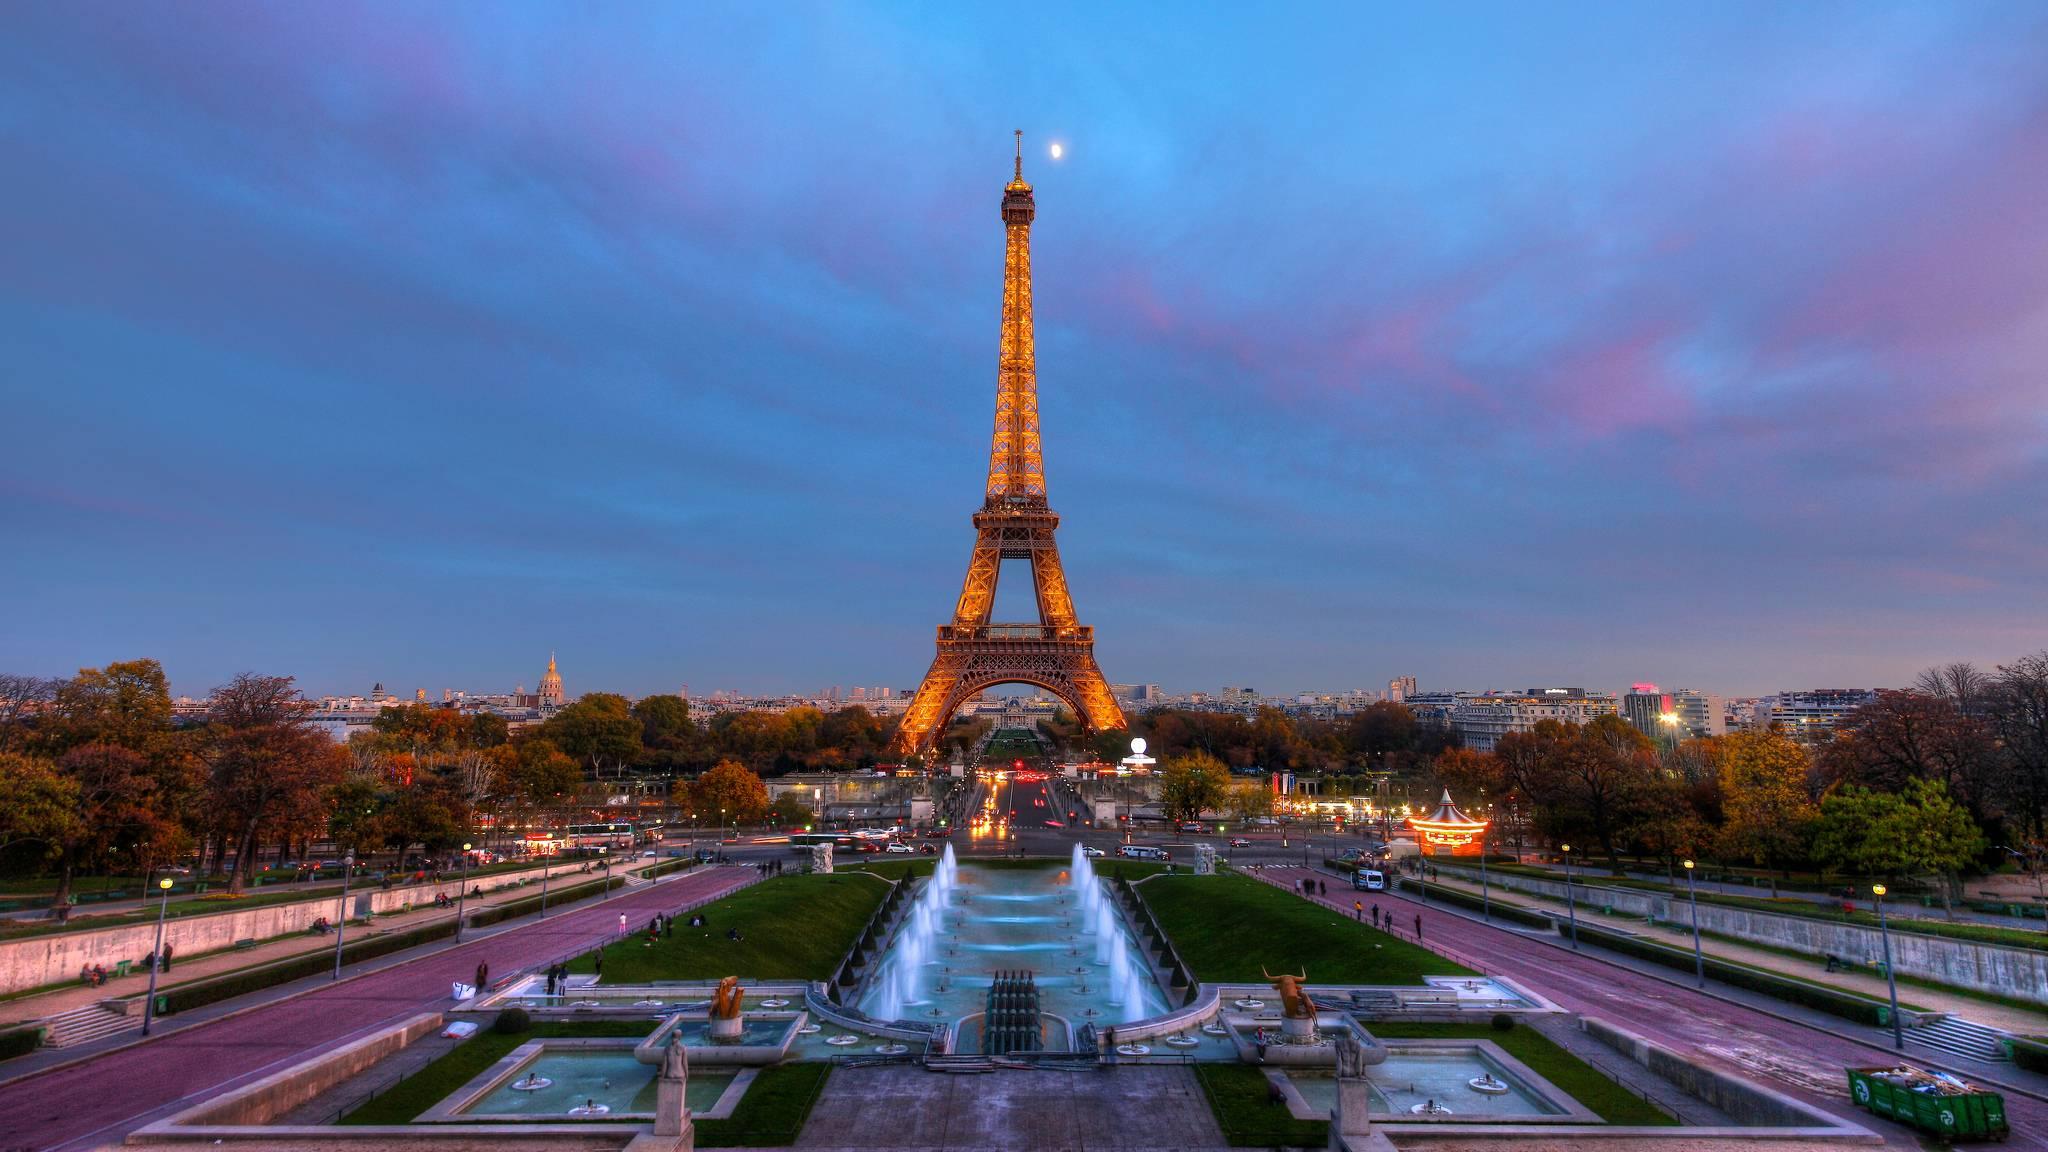 природа страны архитектура Марсово поле Париж Франция  № 824048 загрузить